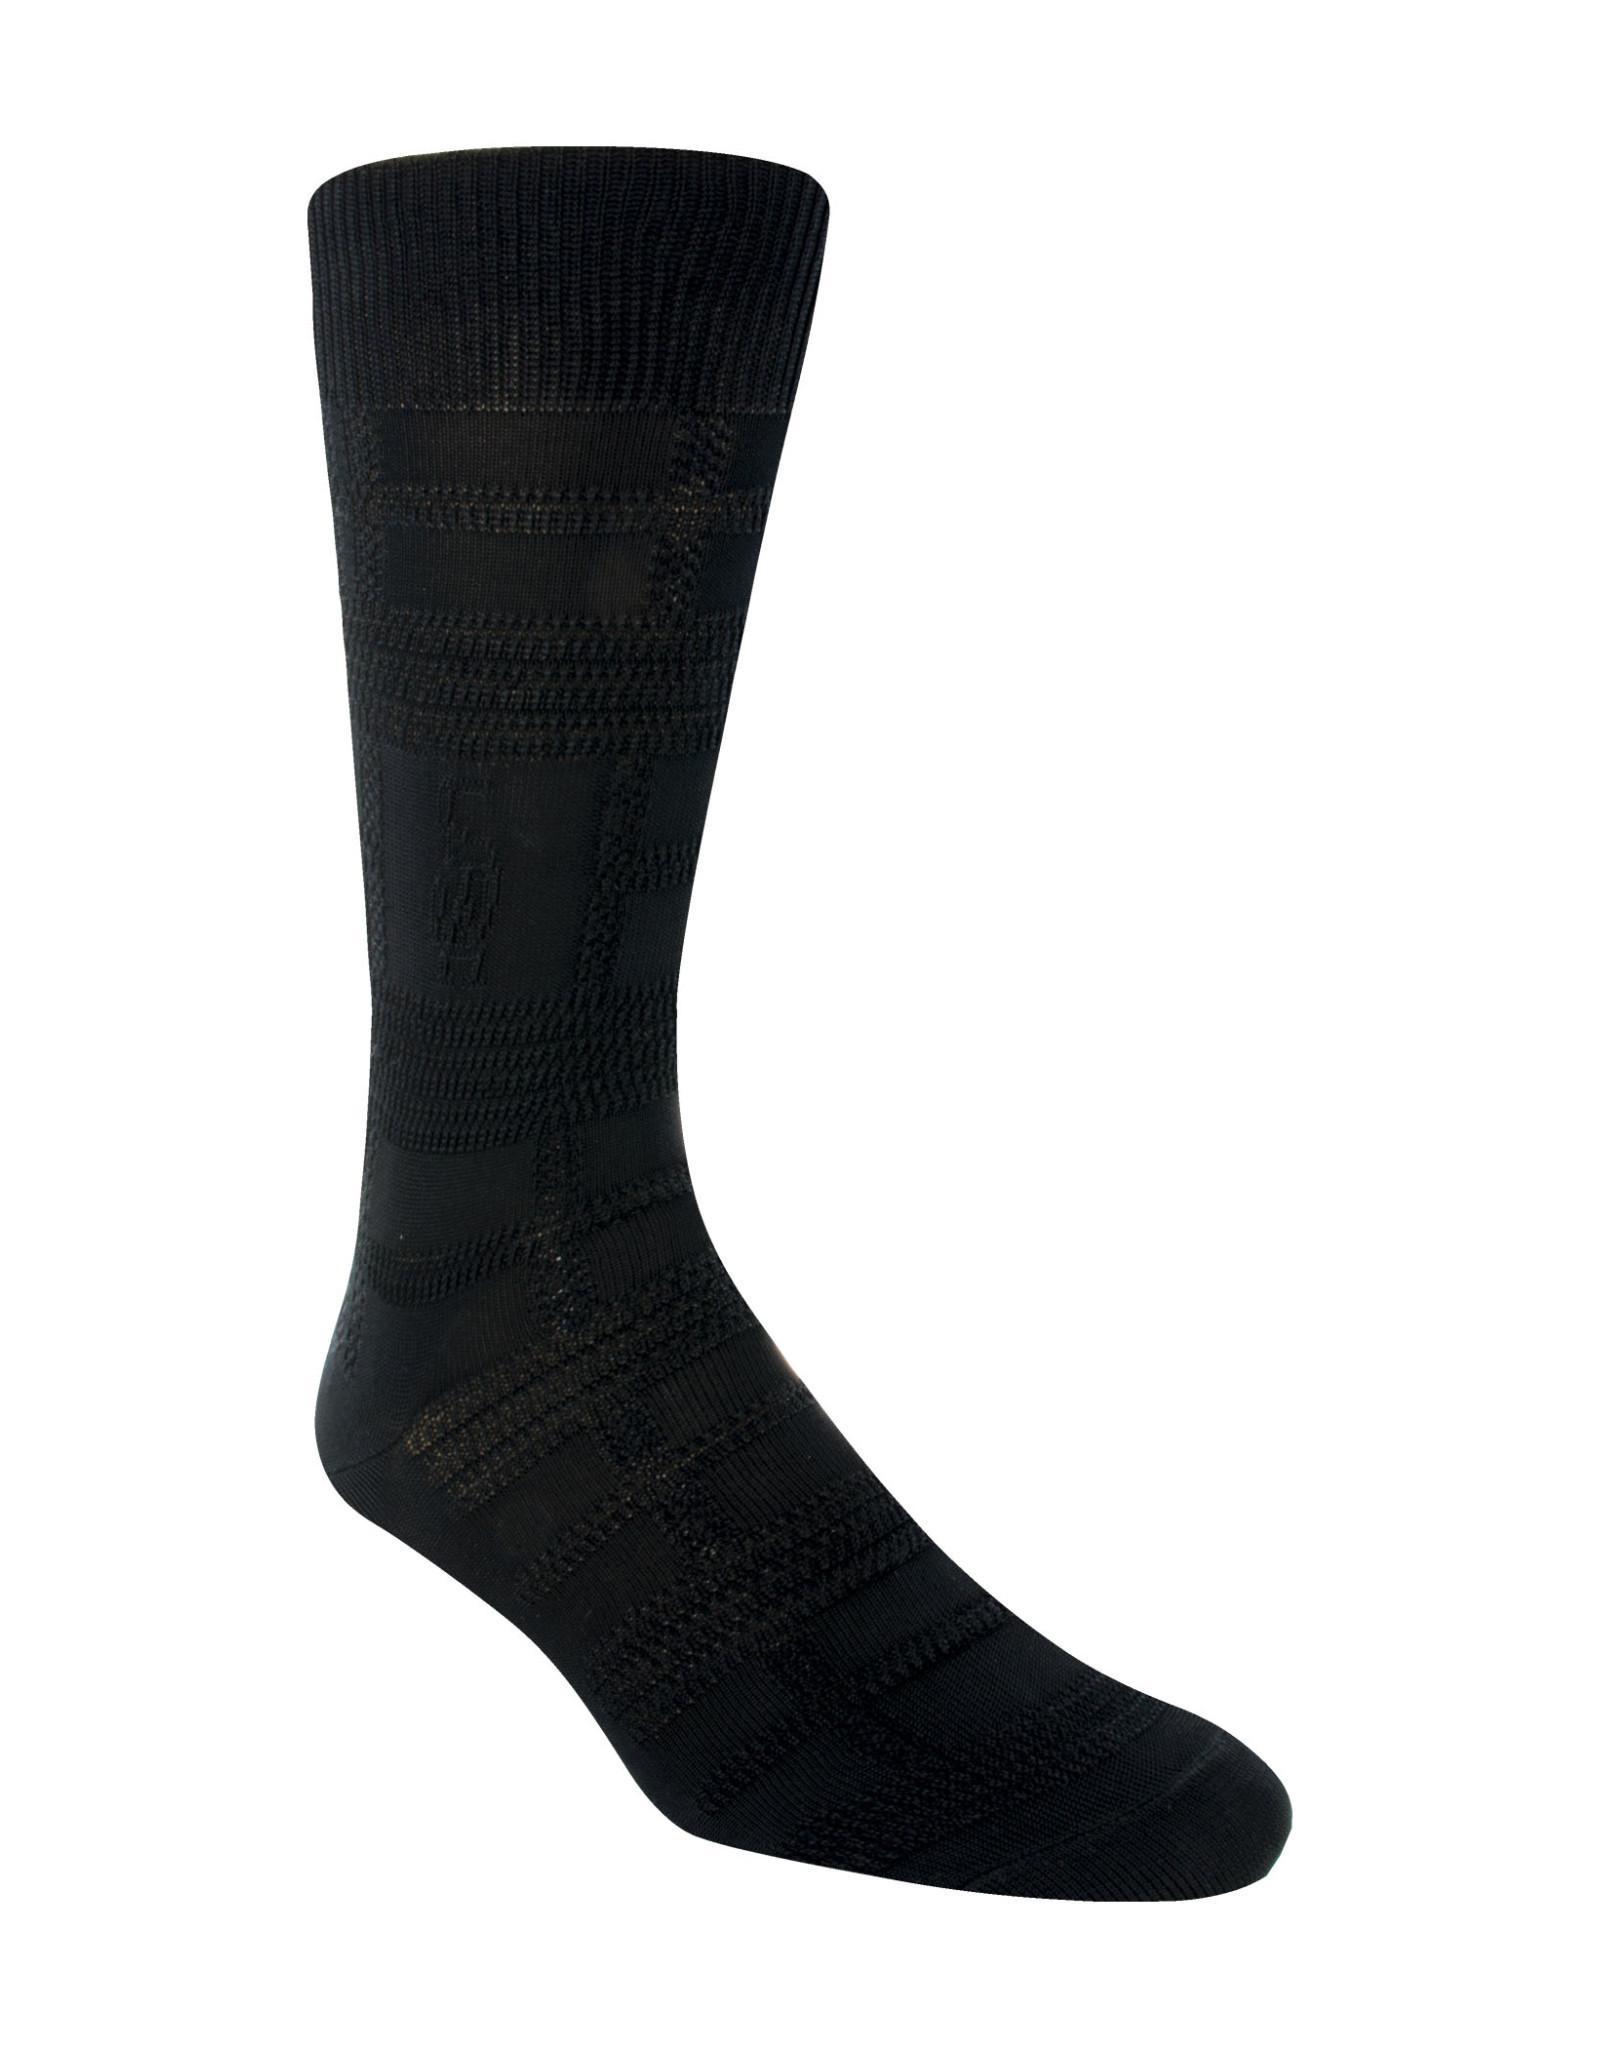 Stacy Adams Socks Stacy Adams Gemstone For Size 8-12.5 Black